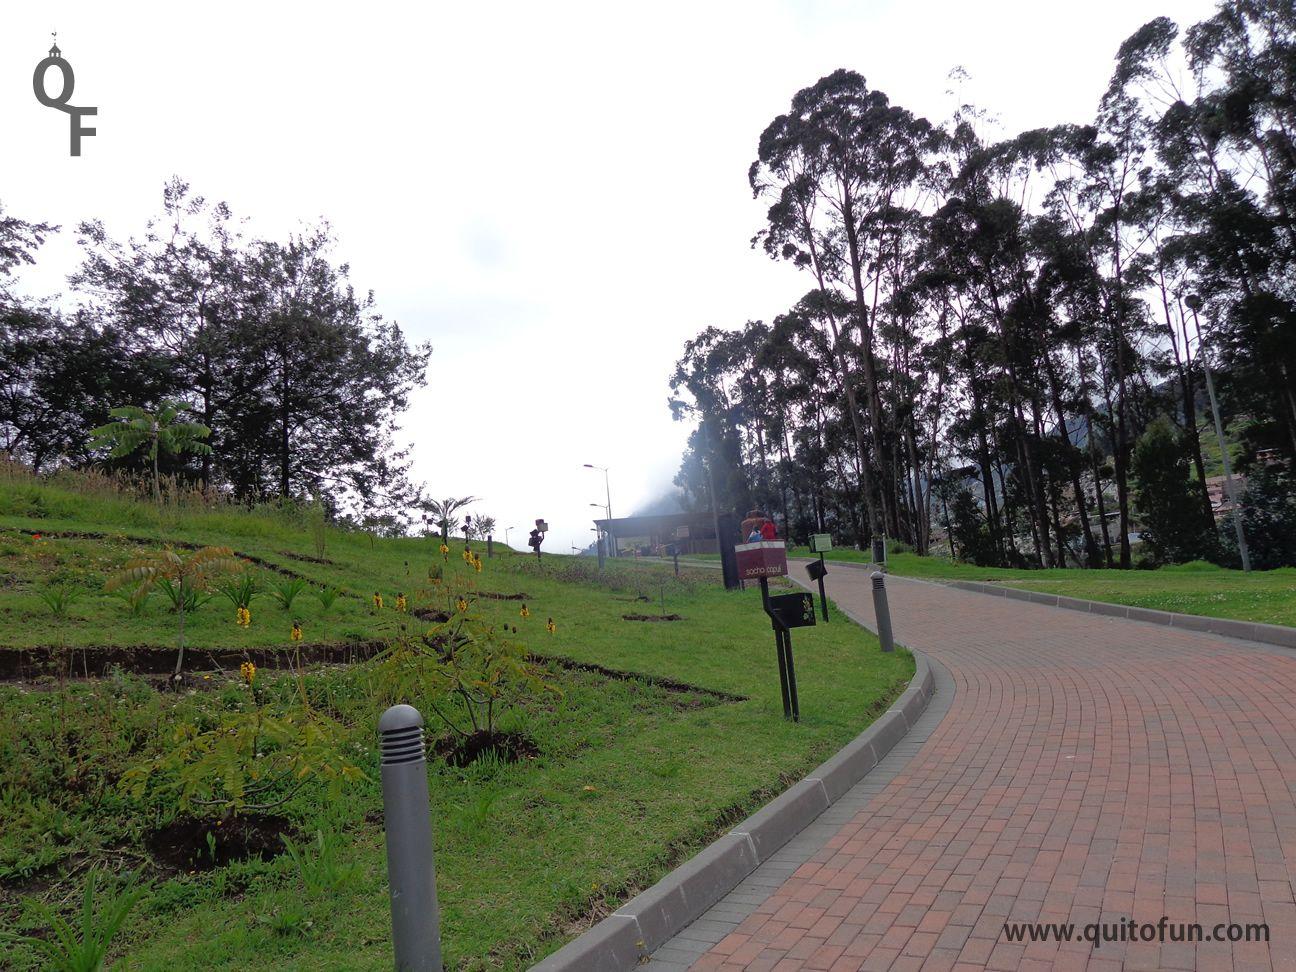 El MIC está rodeado de espacios verdes en los que se encuentran plantas nativas de Quito. Aquí puedes tomar un descanso o un refrigerio.